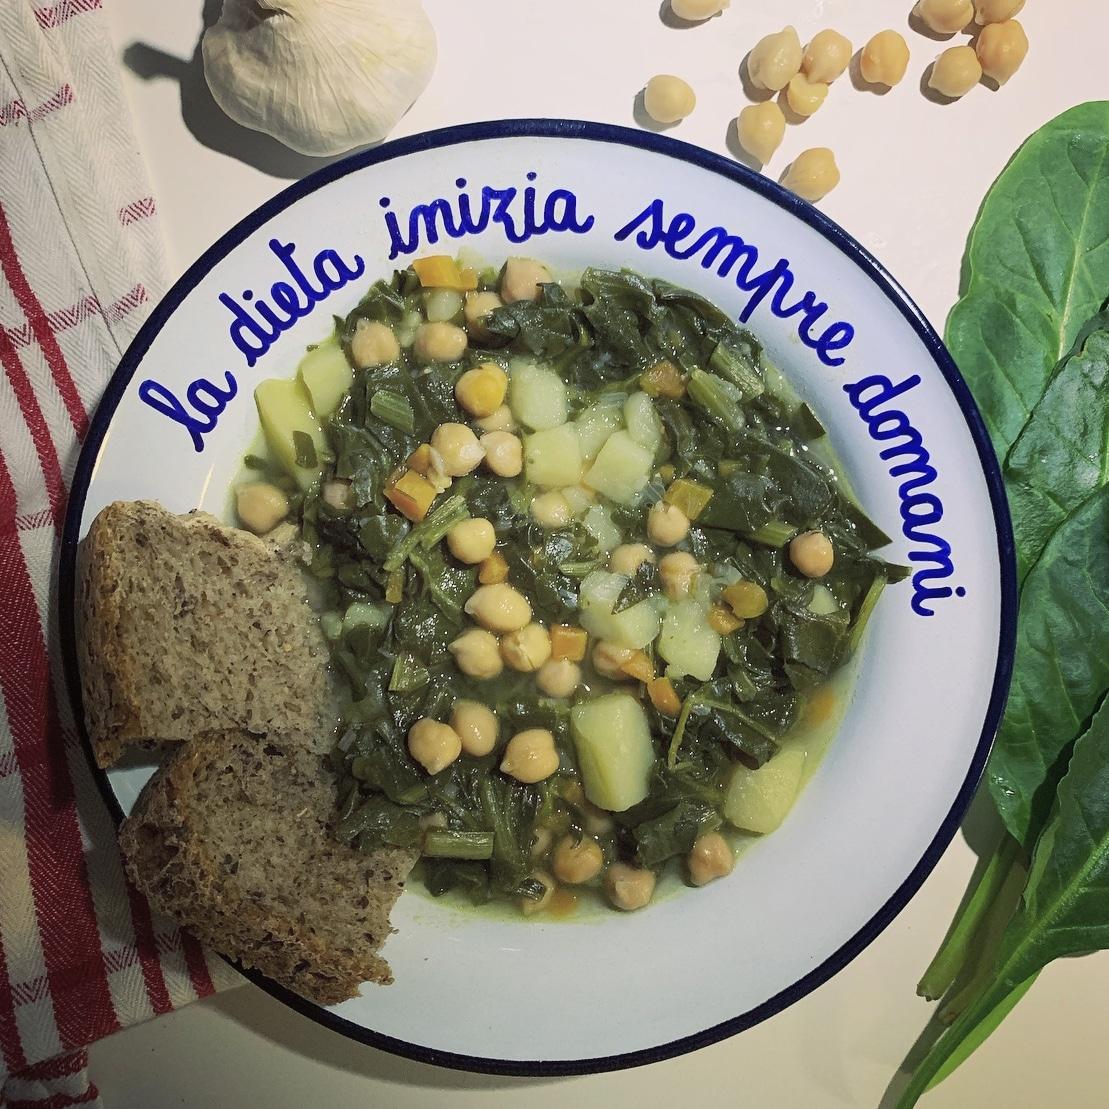 Dietista Monica Giovannetti - Dietista a Genova e Milano - Diete dimagranti, per intolleranze, per sportivi, per bambini, problemi alimentari